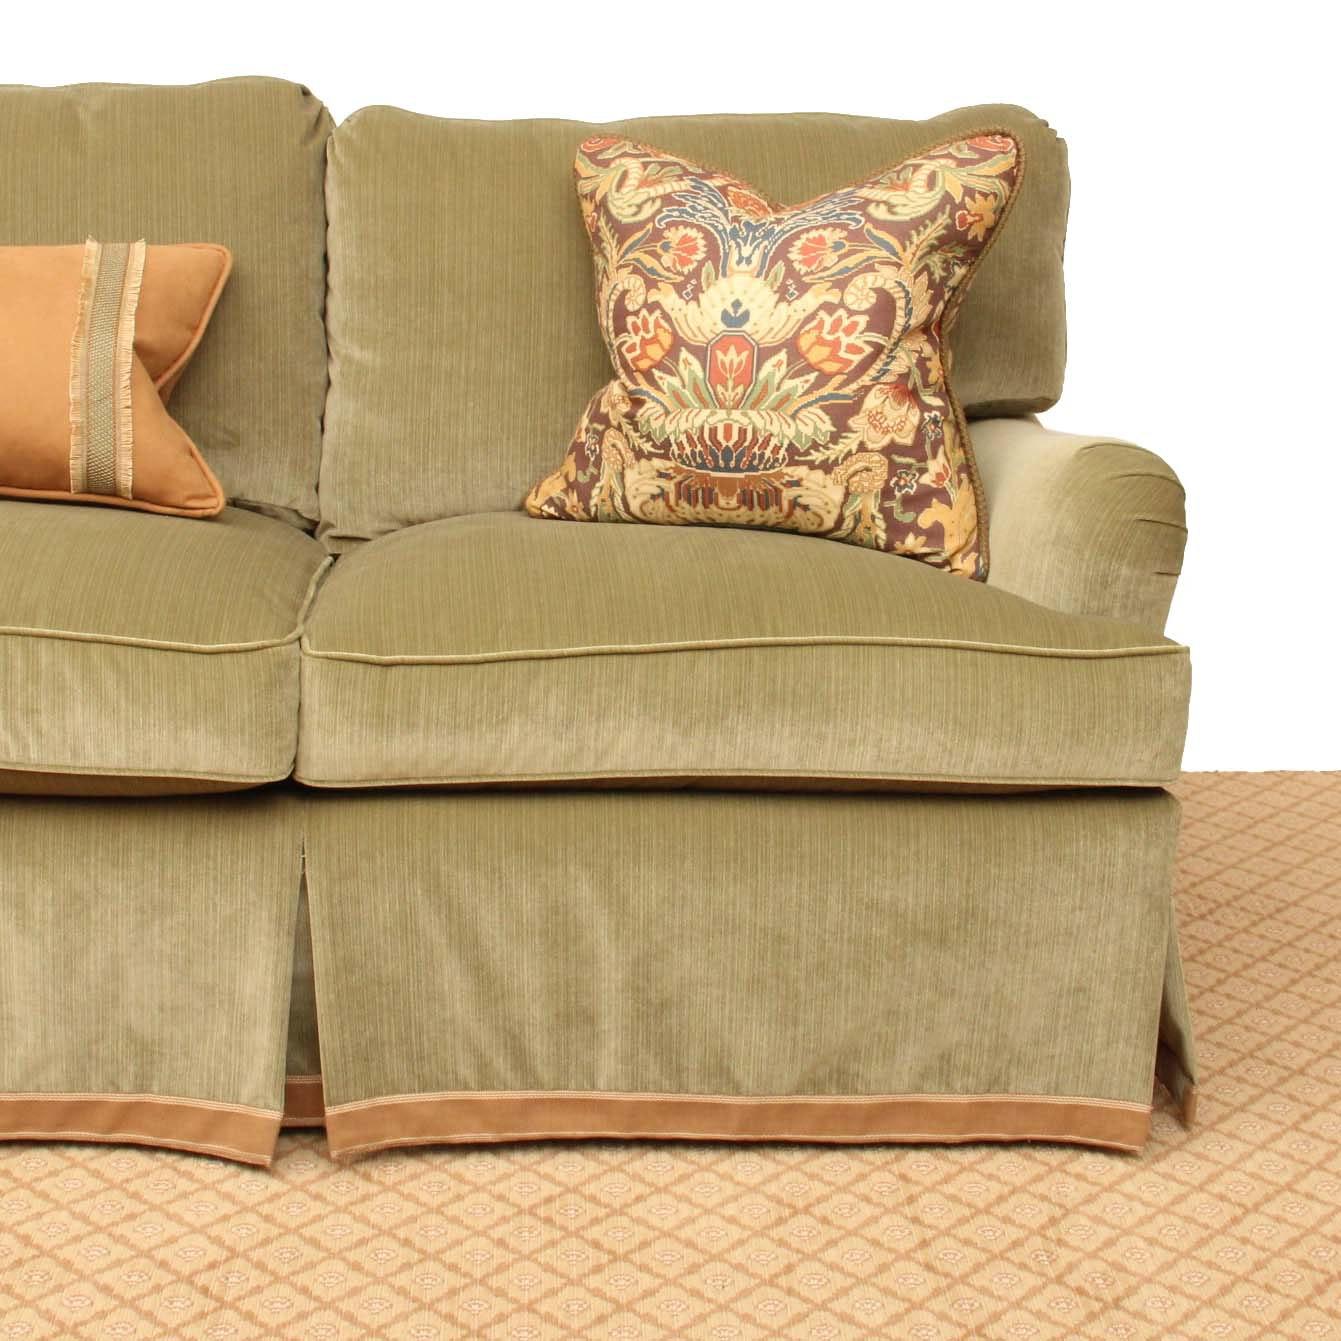 Custom Upholstered Down Filled Sofa